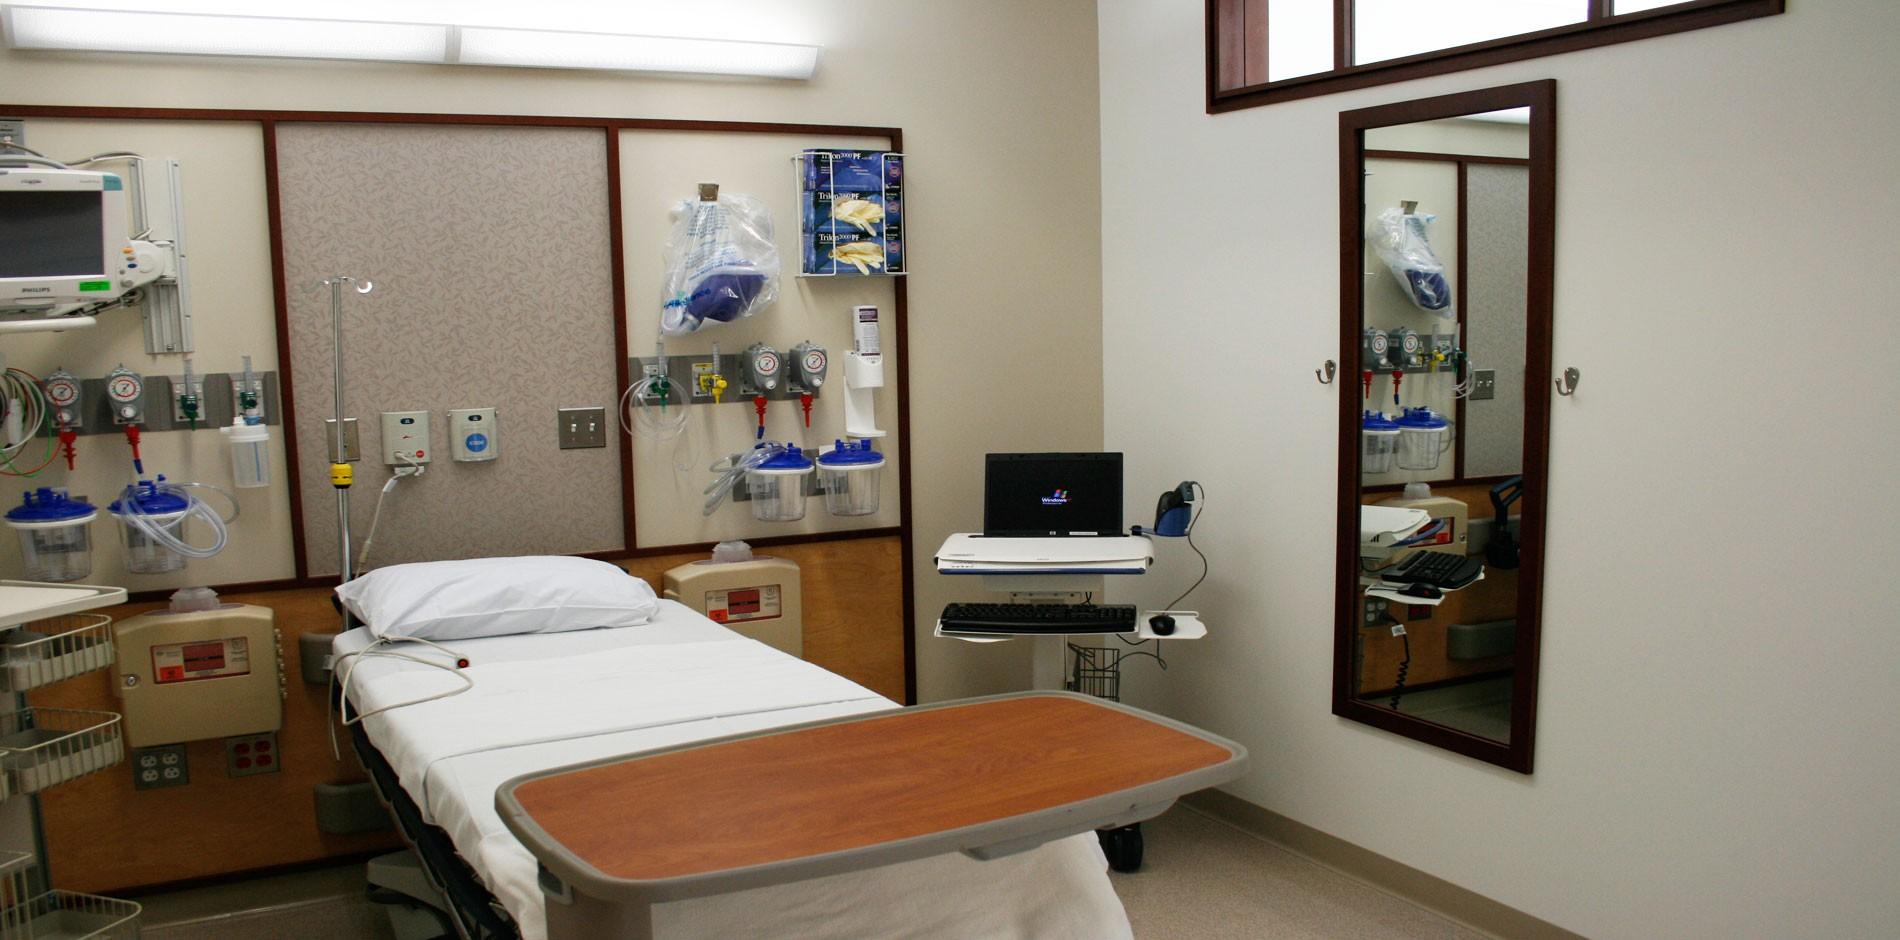 Job Openings In Rhode Island Hospital